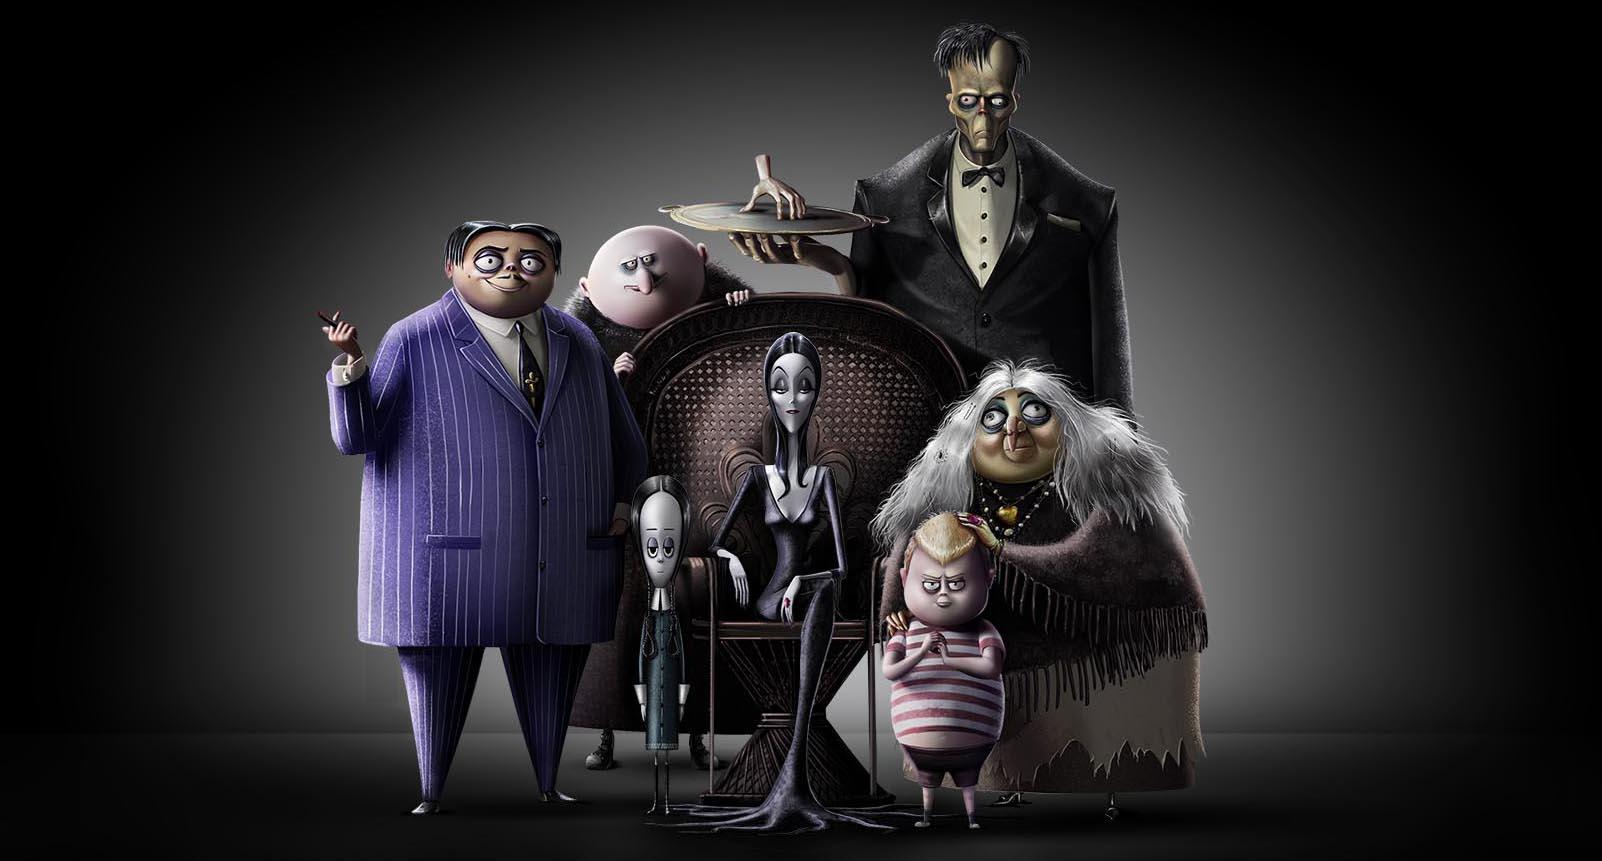 La película animada de la familia Addams obtiene una imagen de primer vistazo y un elenco completo de voces